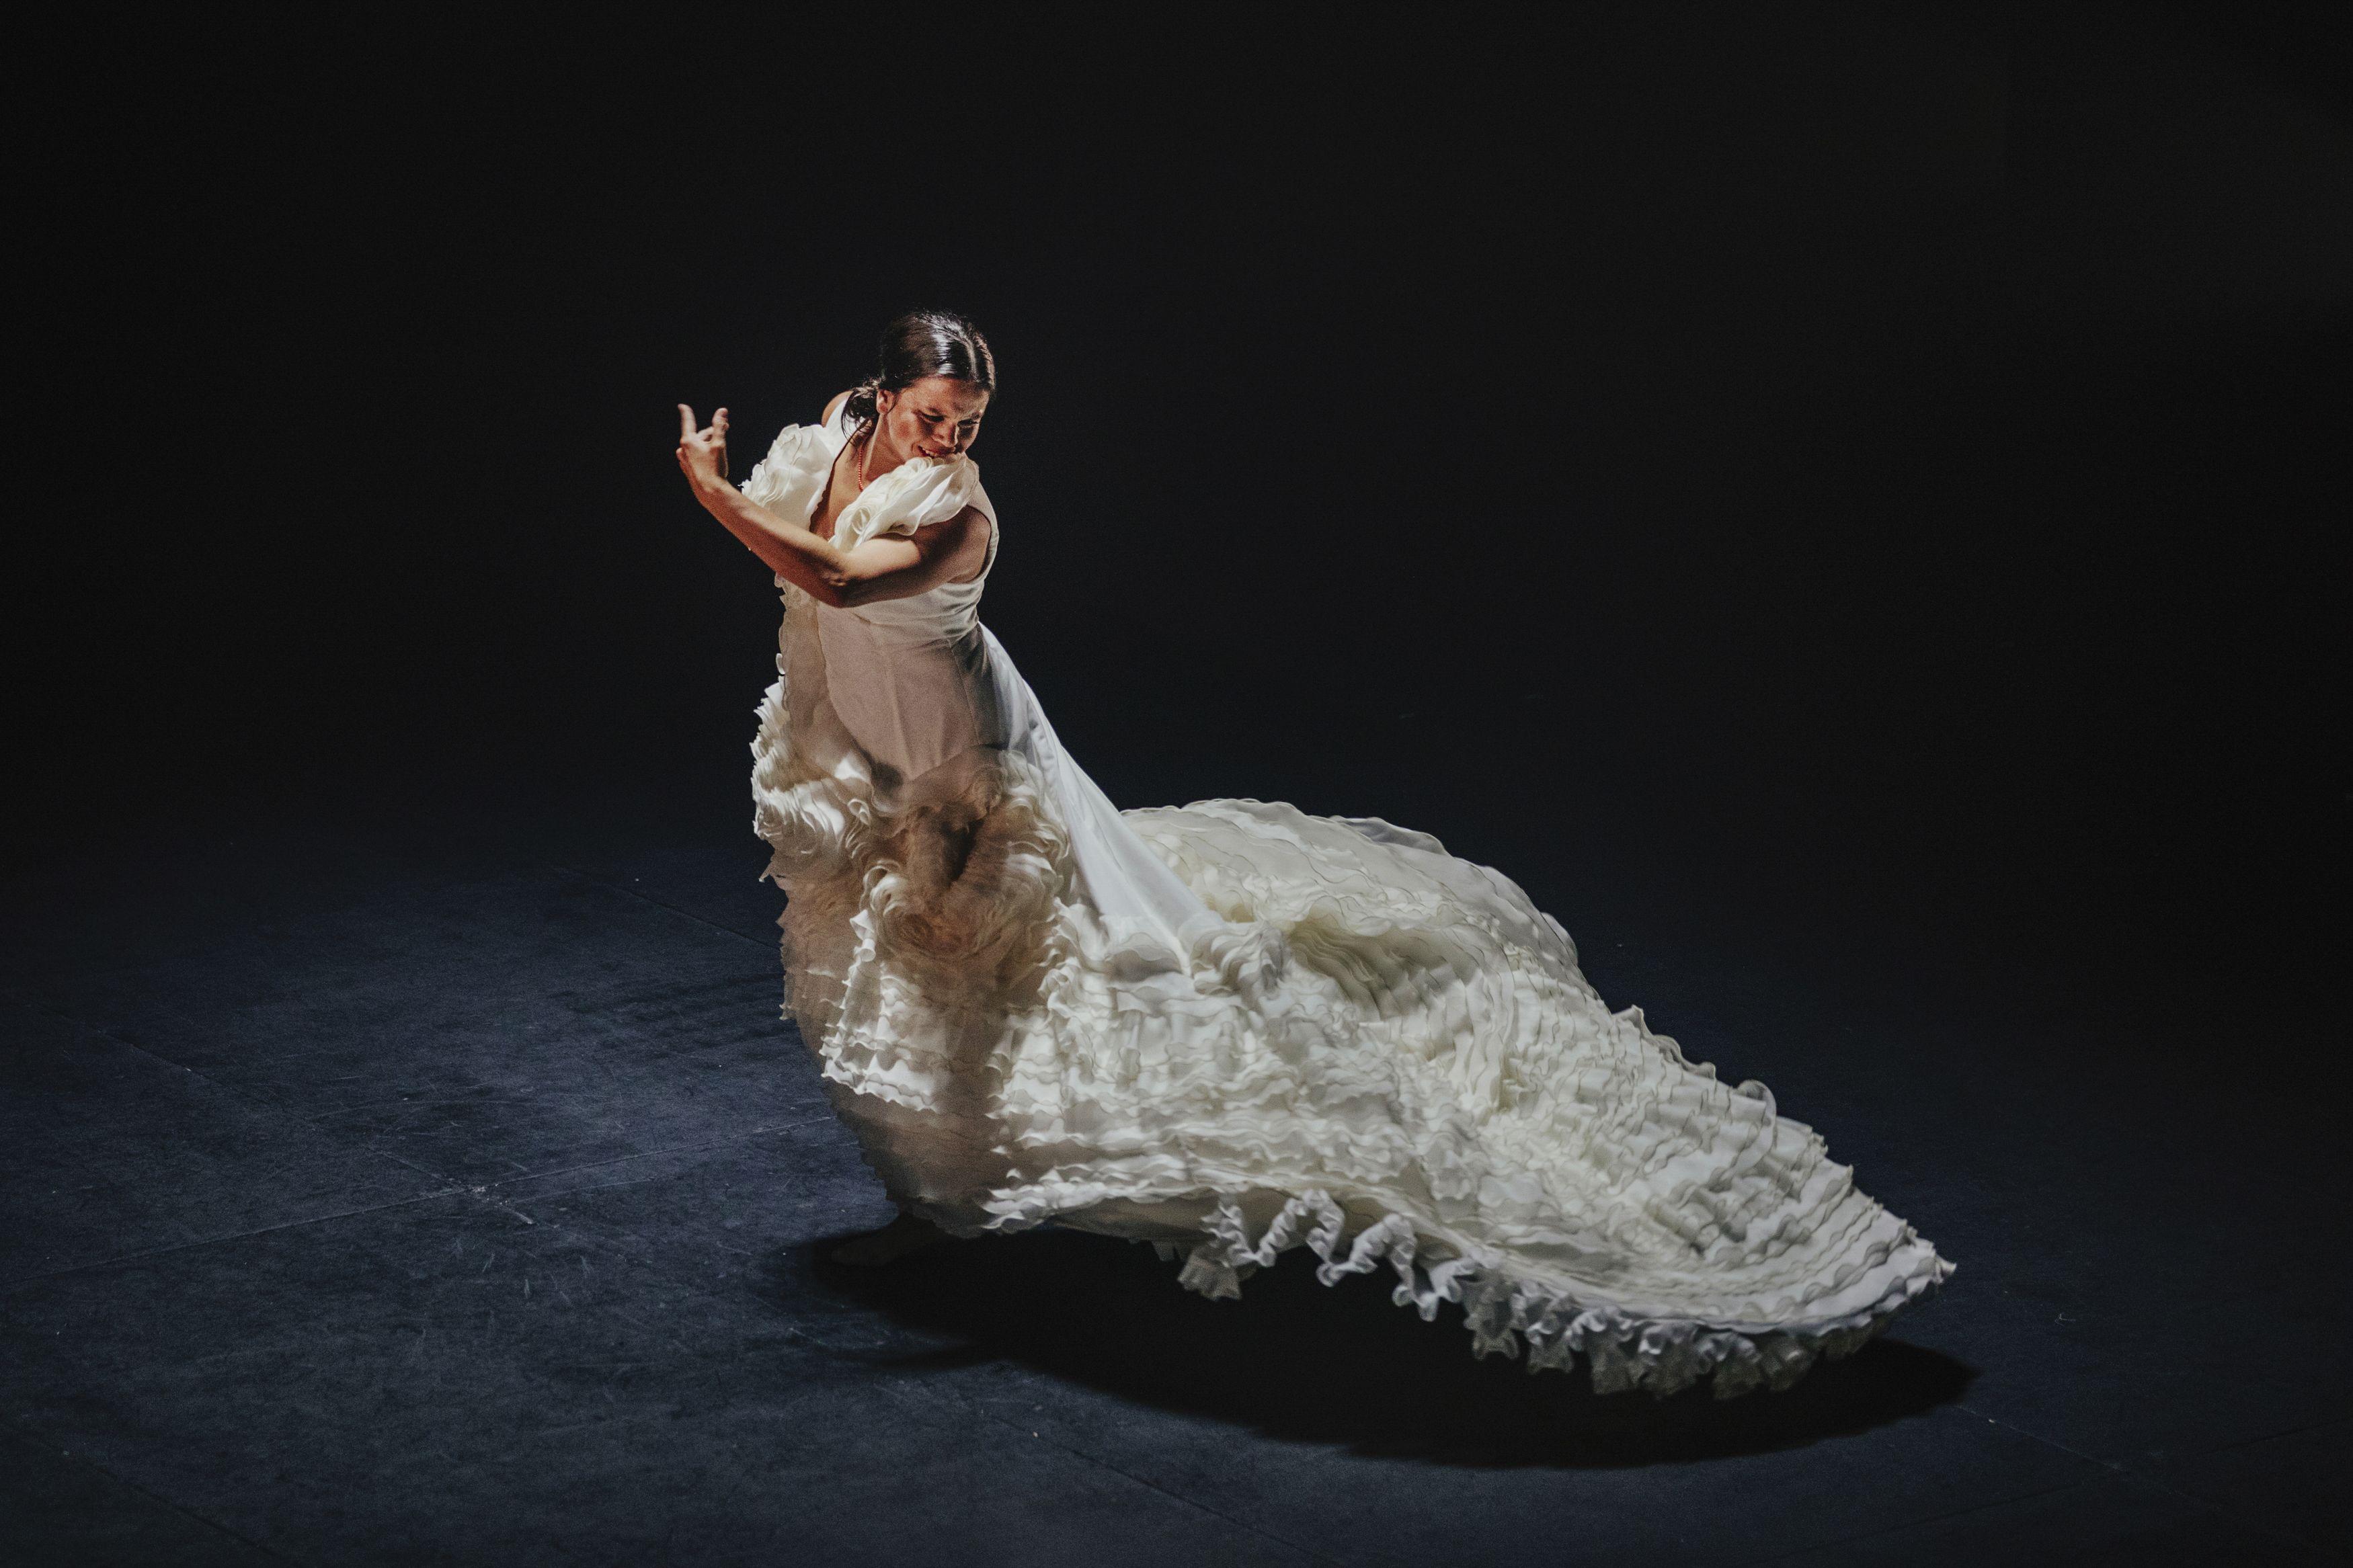 Lin Cortés, María Moreno y Arcángel plantel para el segundo fin de semana de 'Flamenco viene del Sur'